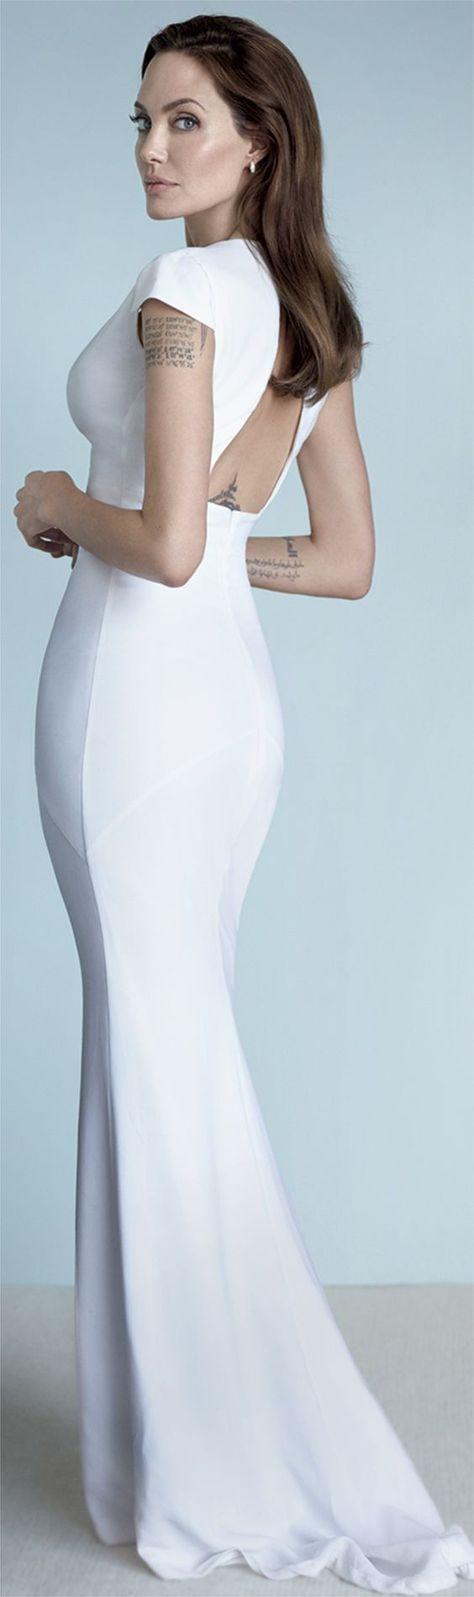 Hochzeit Im Winter Was Anziehen 50 Beste Outfits Hochzeitskleider Damenmode De Angelina Jolie Fotos Angelina Jolie Hochzeitskleid